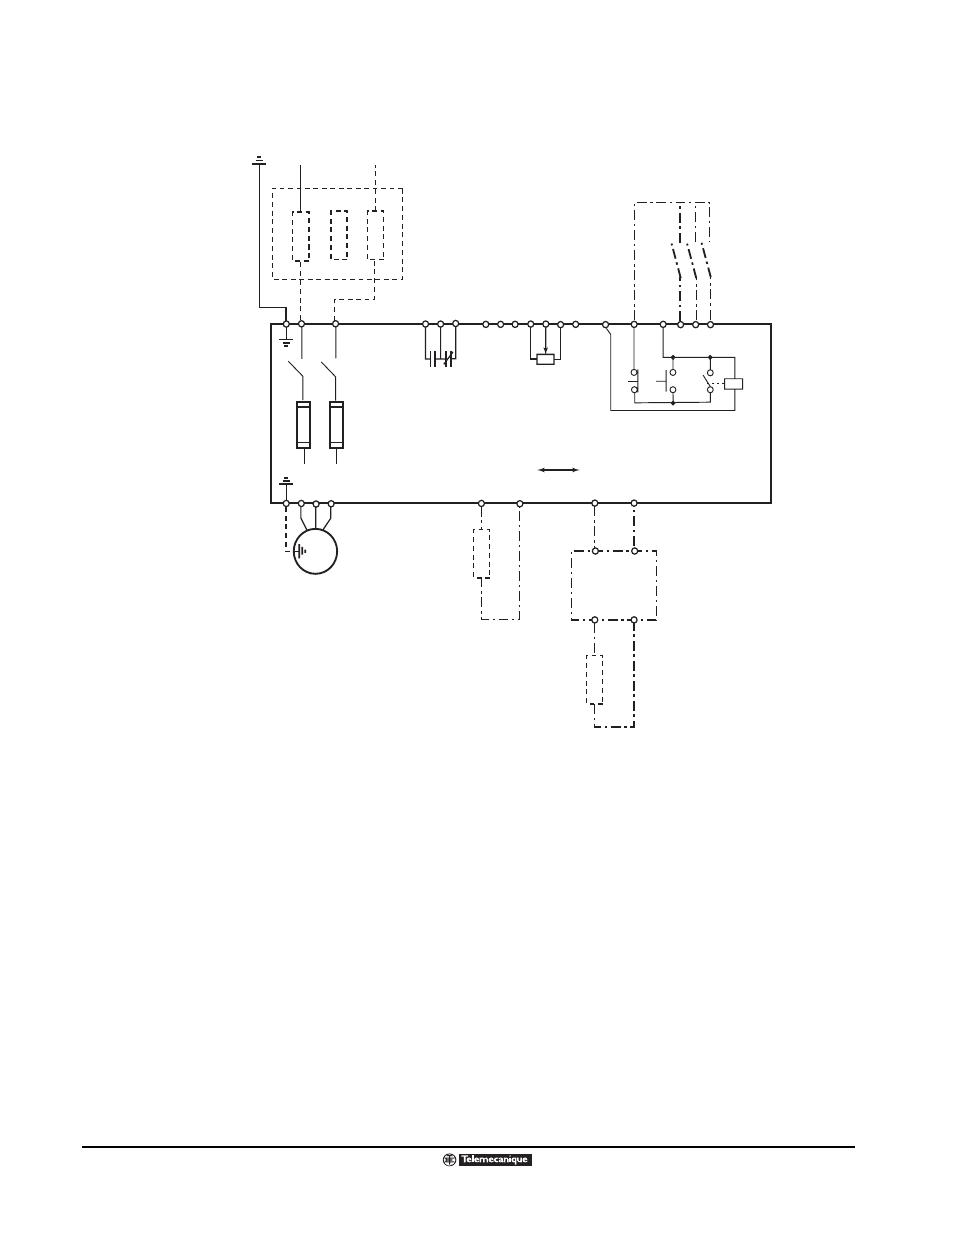 Schneider Altivar 71 Wiring Diagram